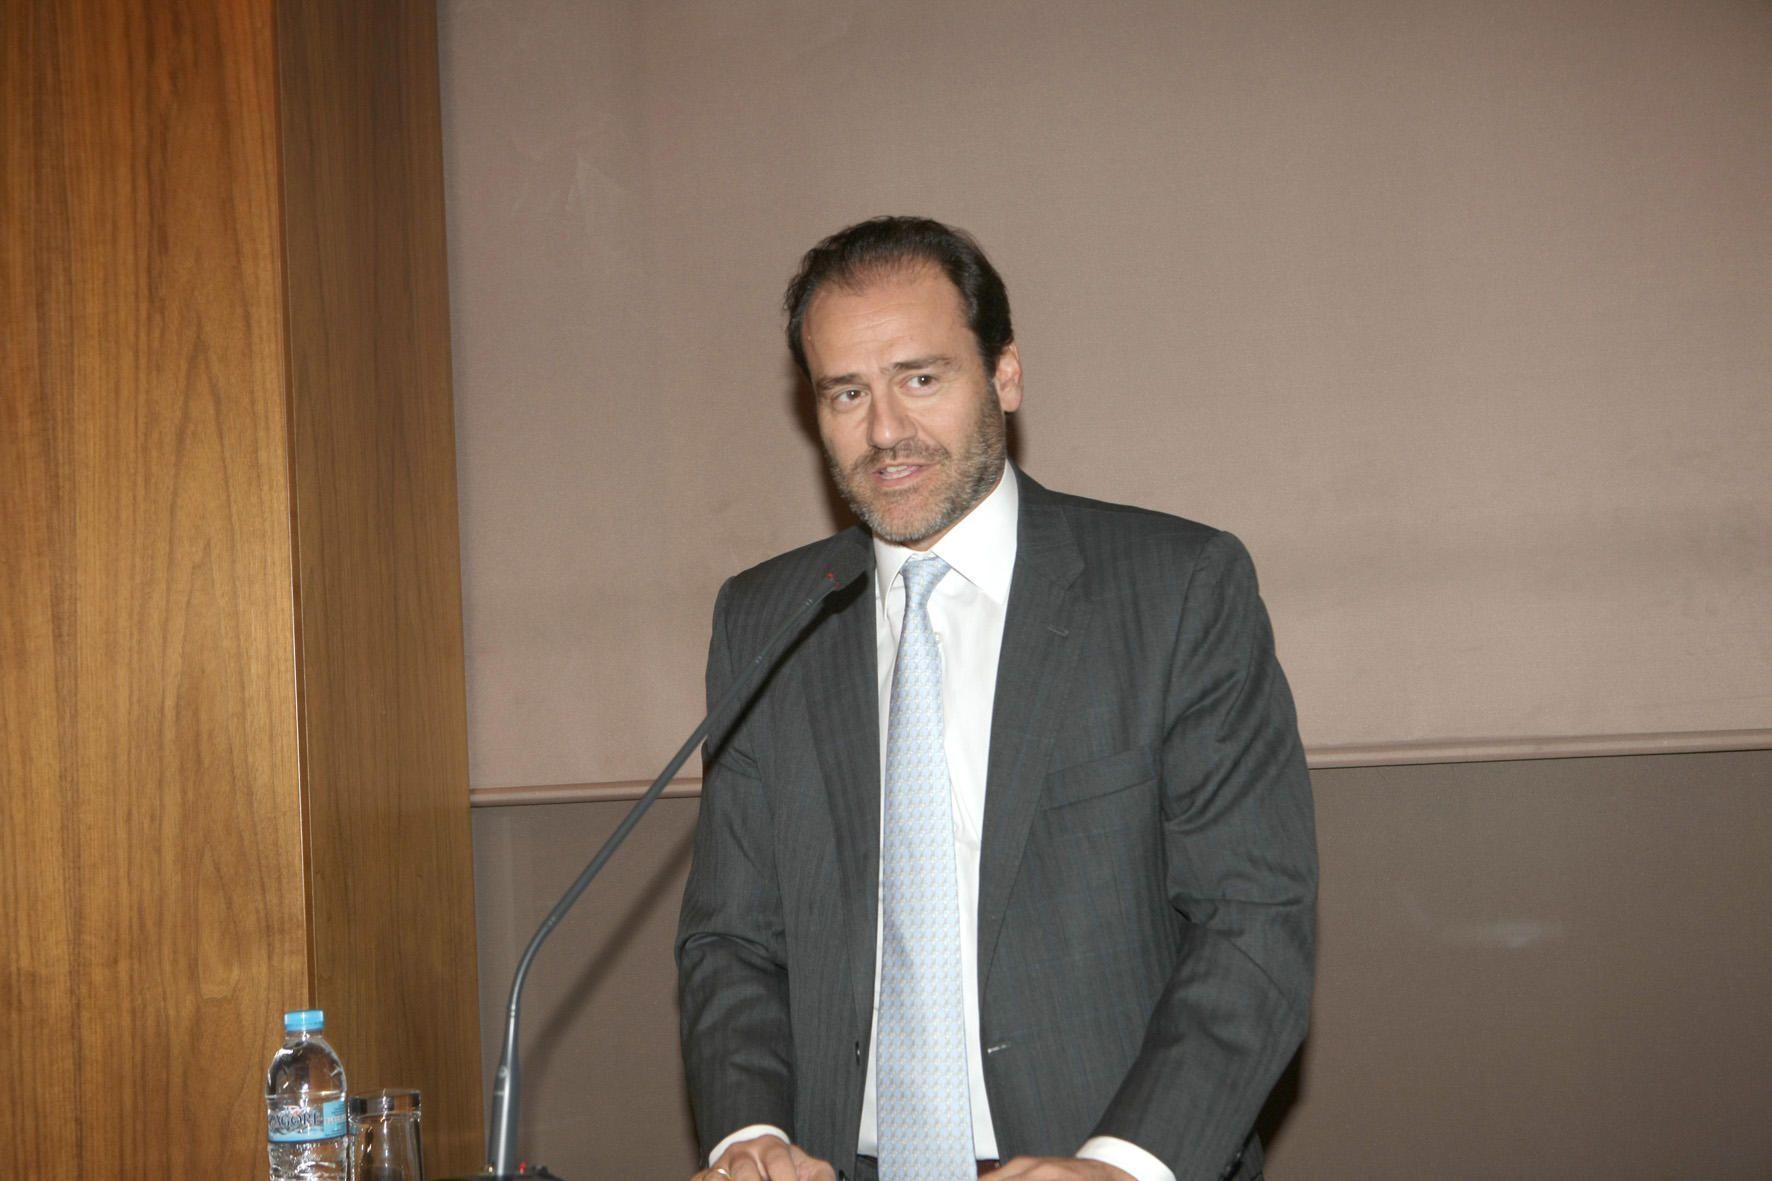 Τάκης Κανελλόπουλος. ΤΙΤΑΝ